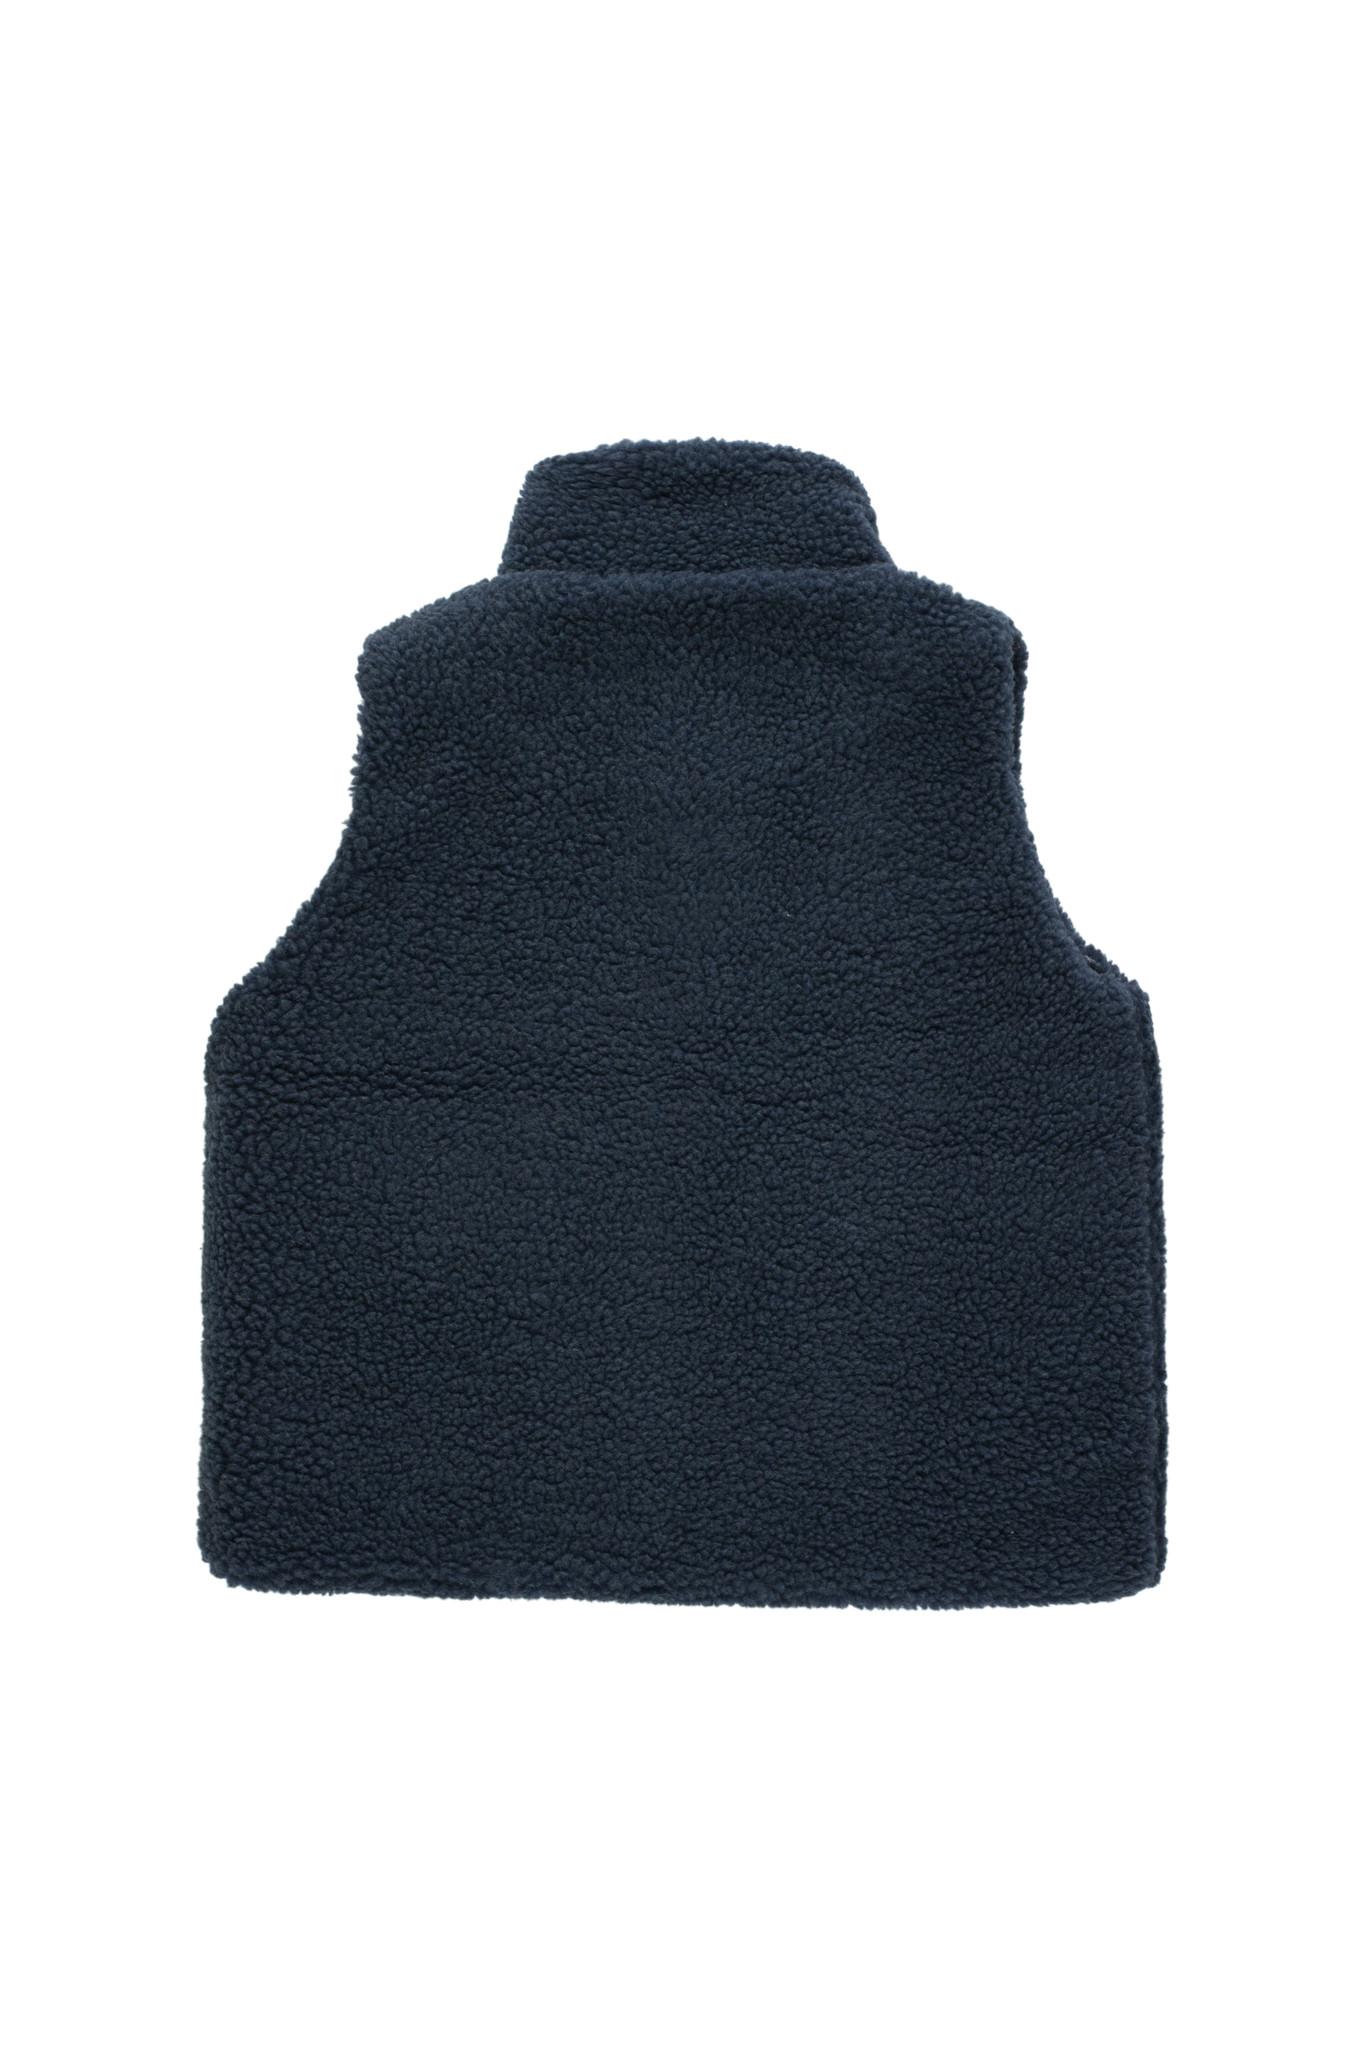 Tiny colorblock Sherpa vest - Navy-3